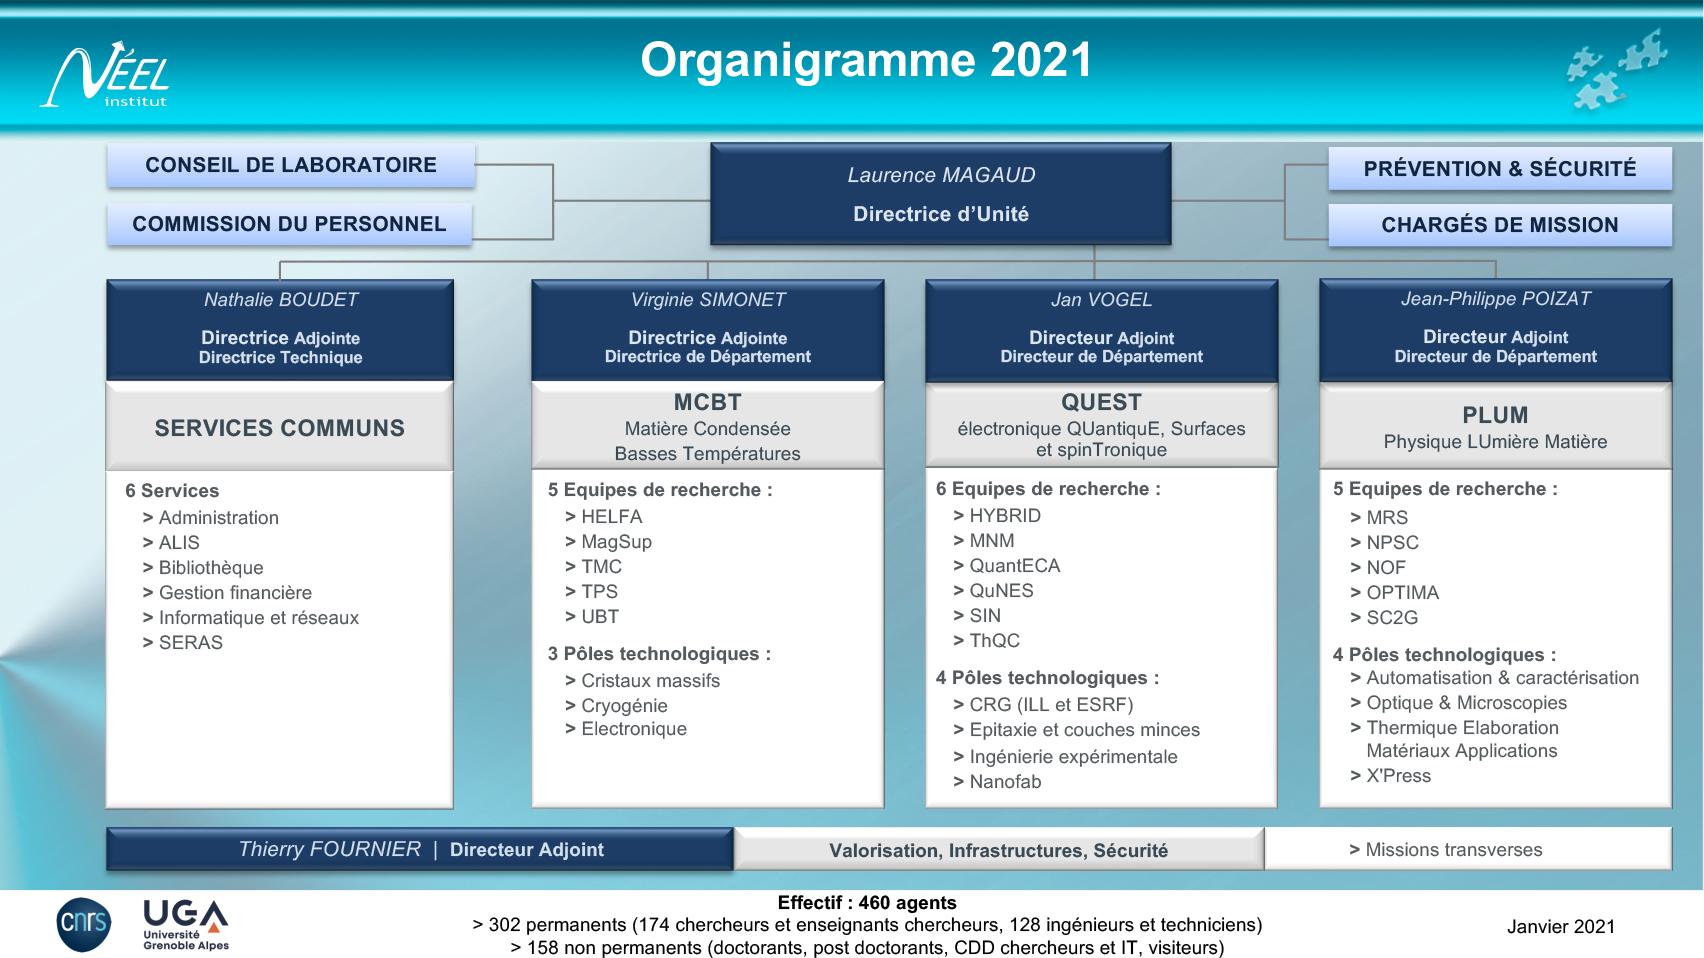 Organigramme Institut Néel 2021